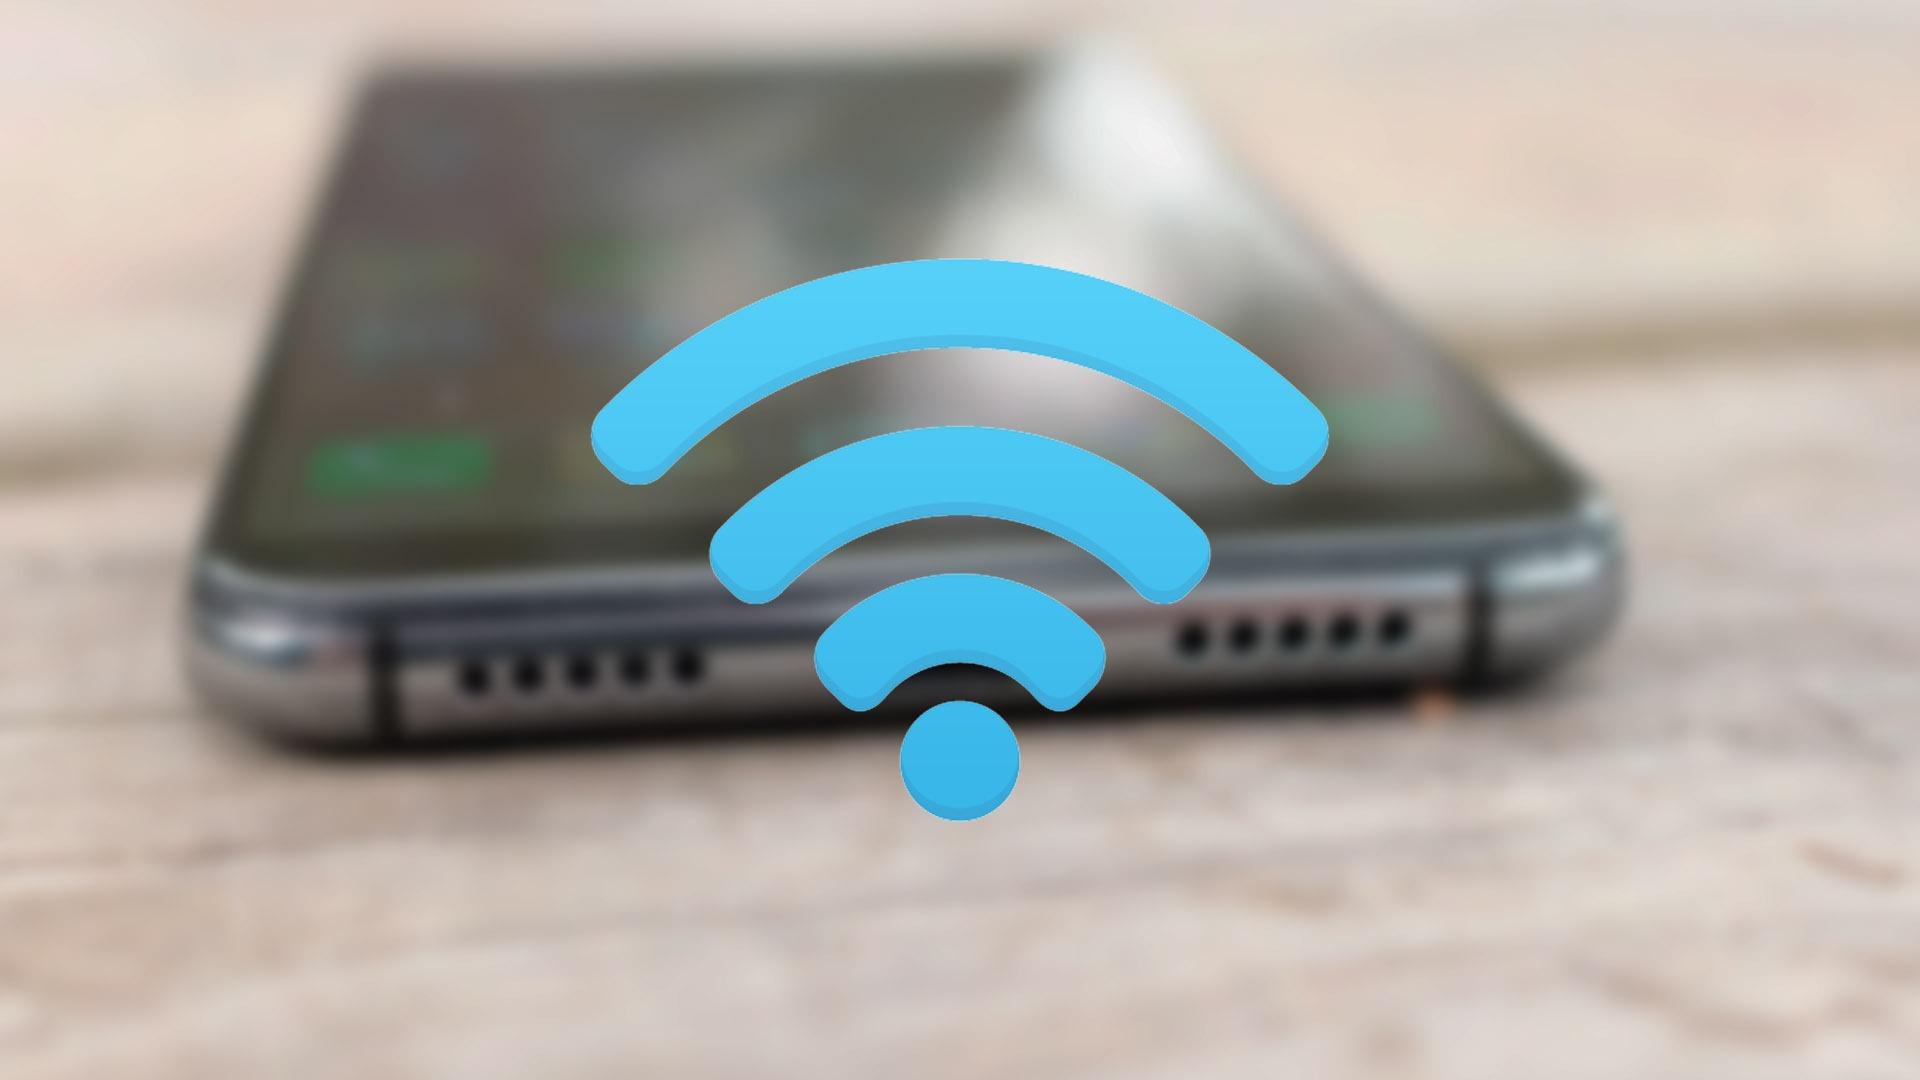 Mejorar el internet en el móvil